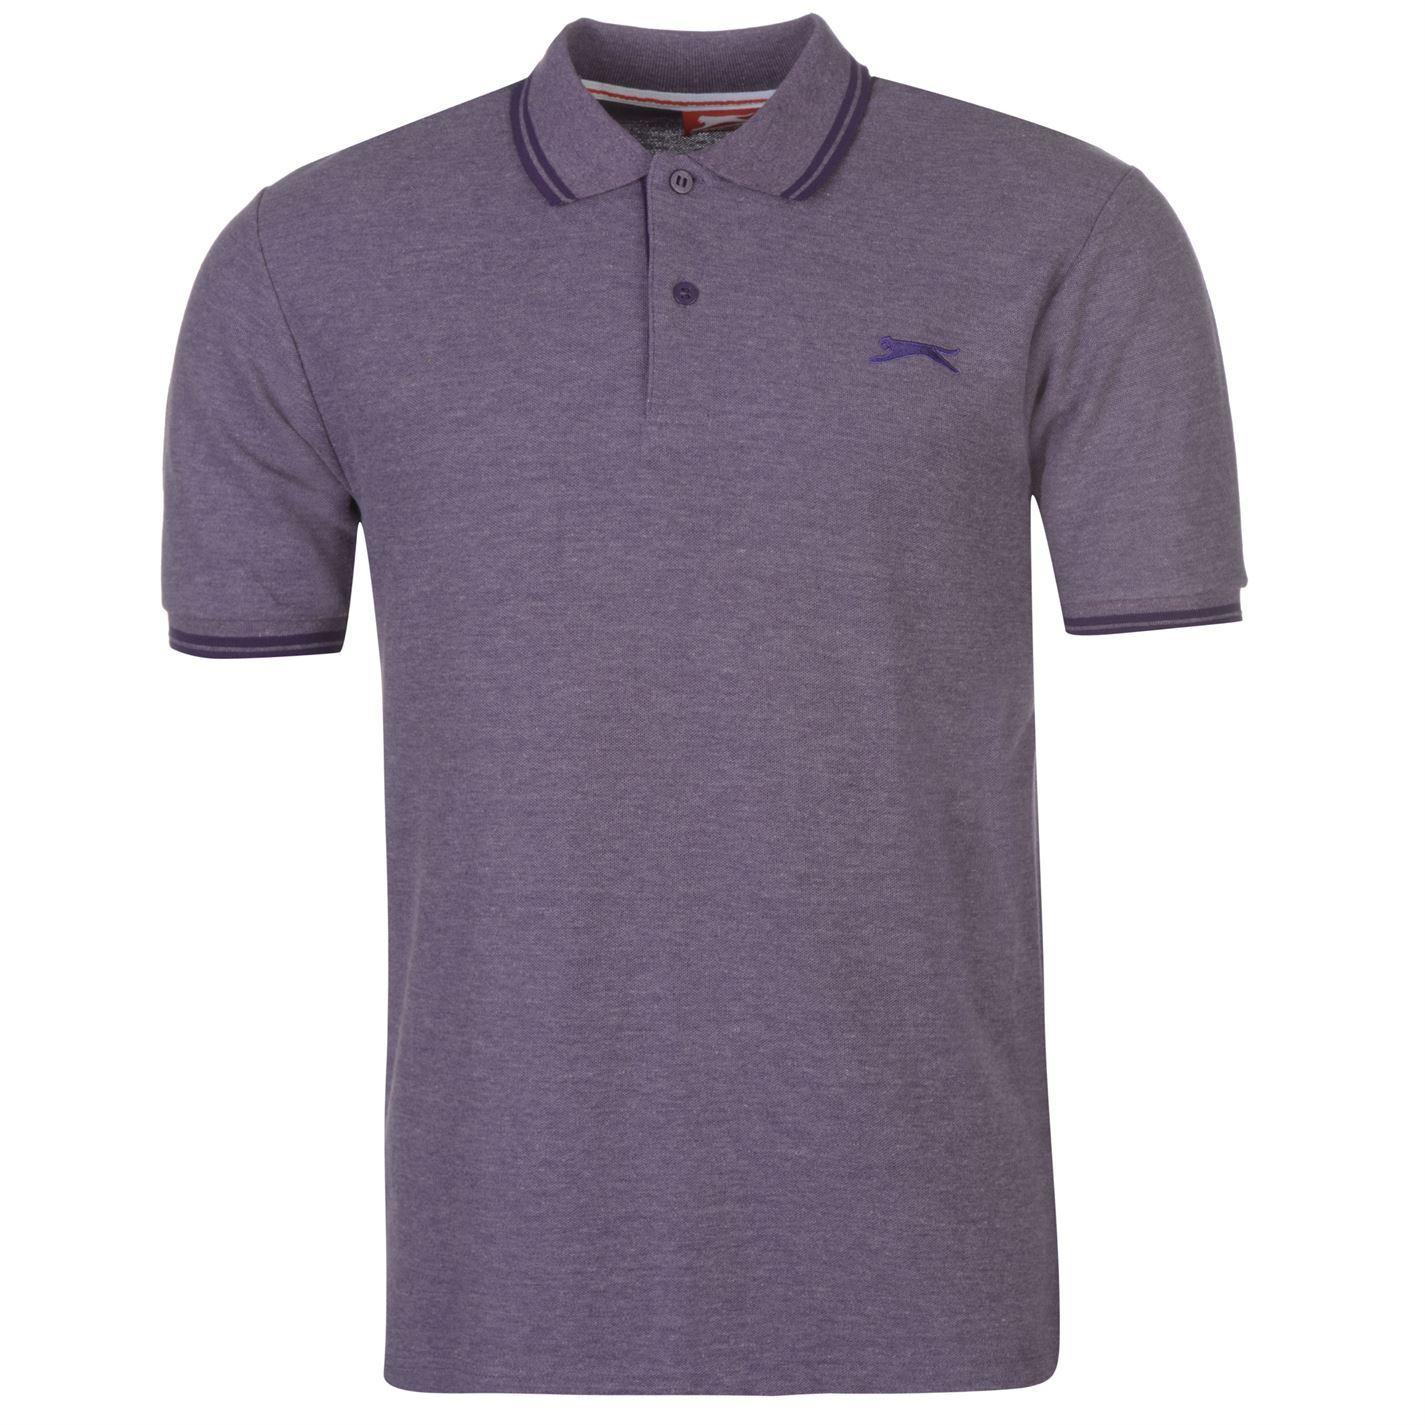 Slazenger-Polo-Camisa-de-hombre-con-cuello-con-Punta-T-Shirt-Top-Camiseta-Tee miniatura 92